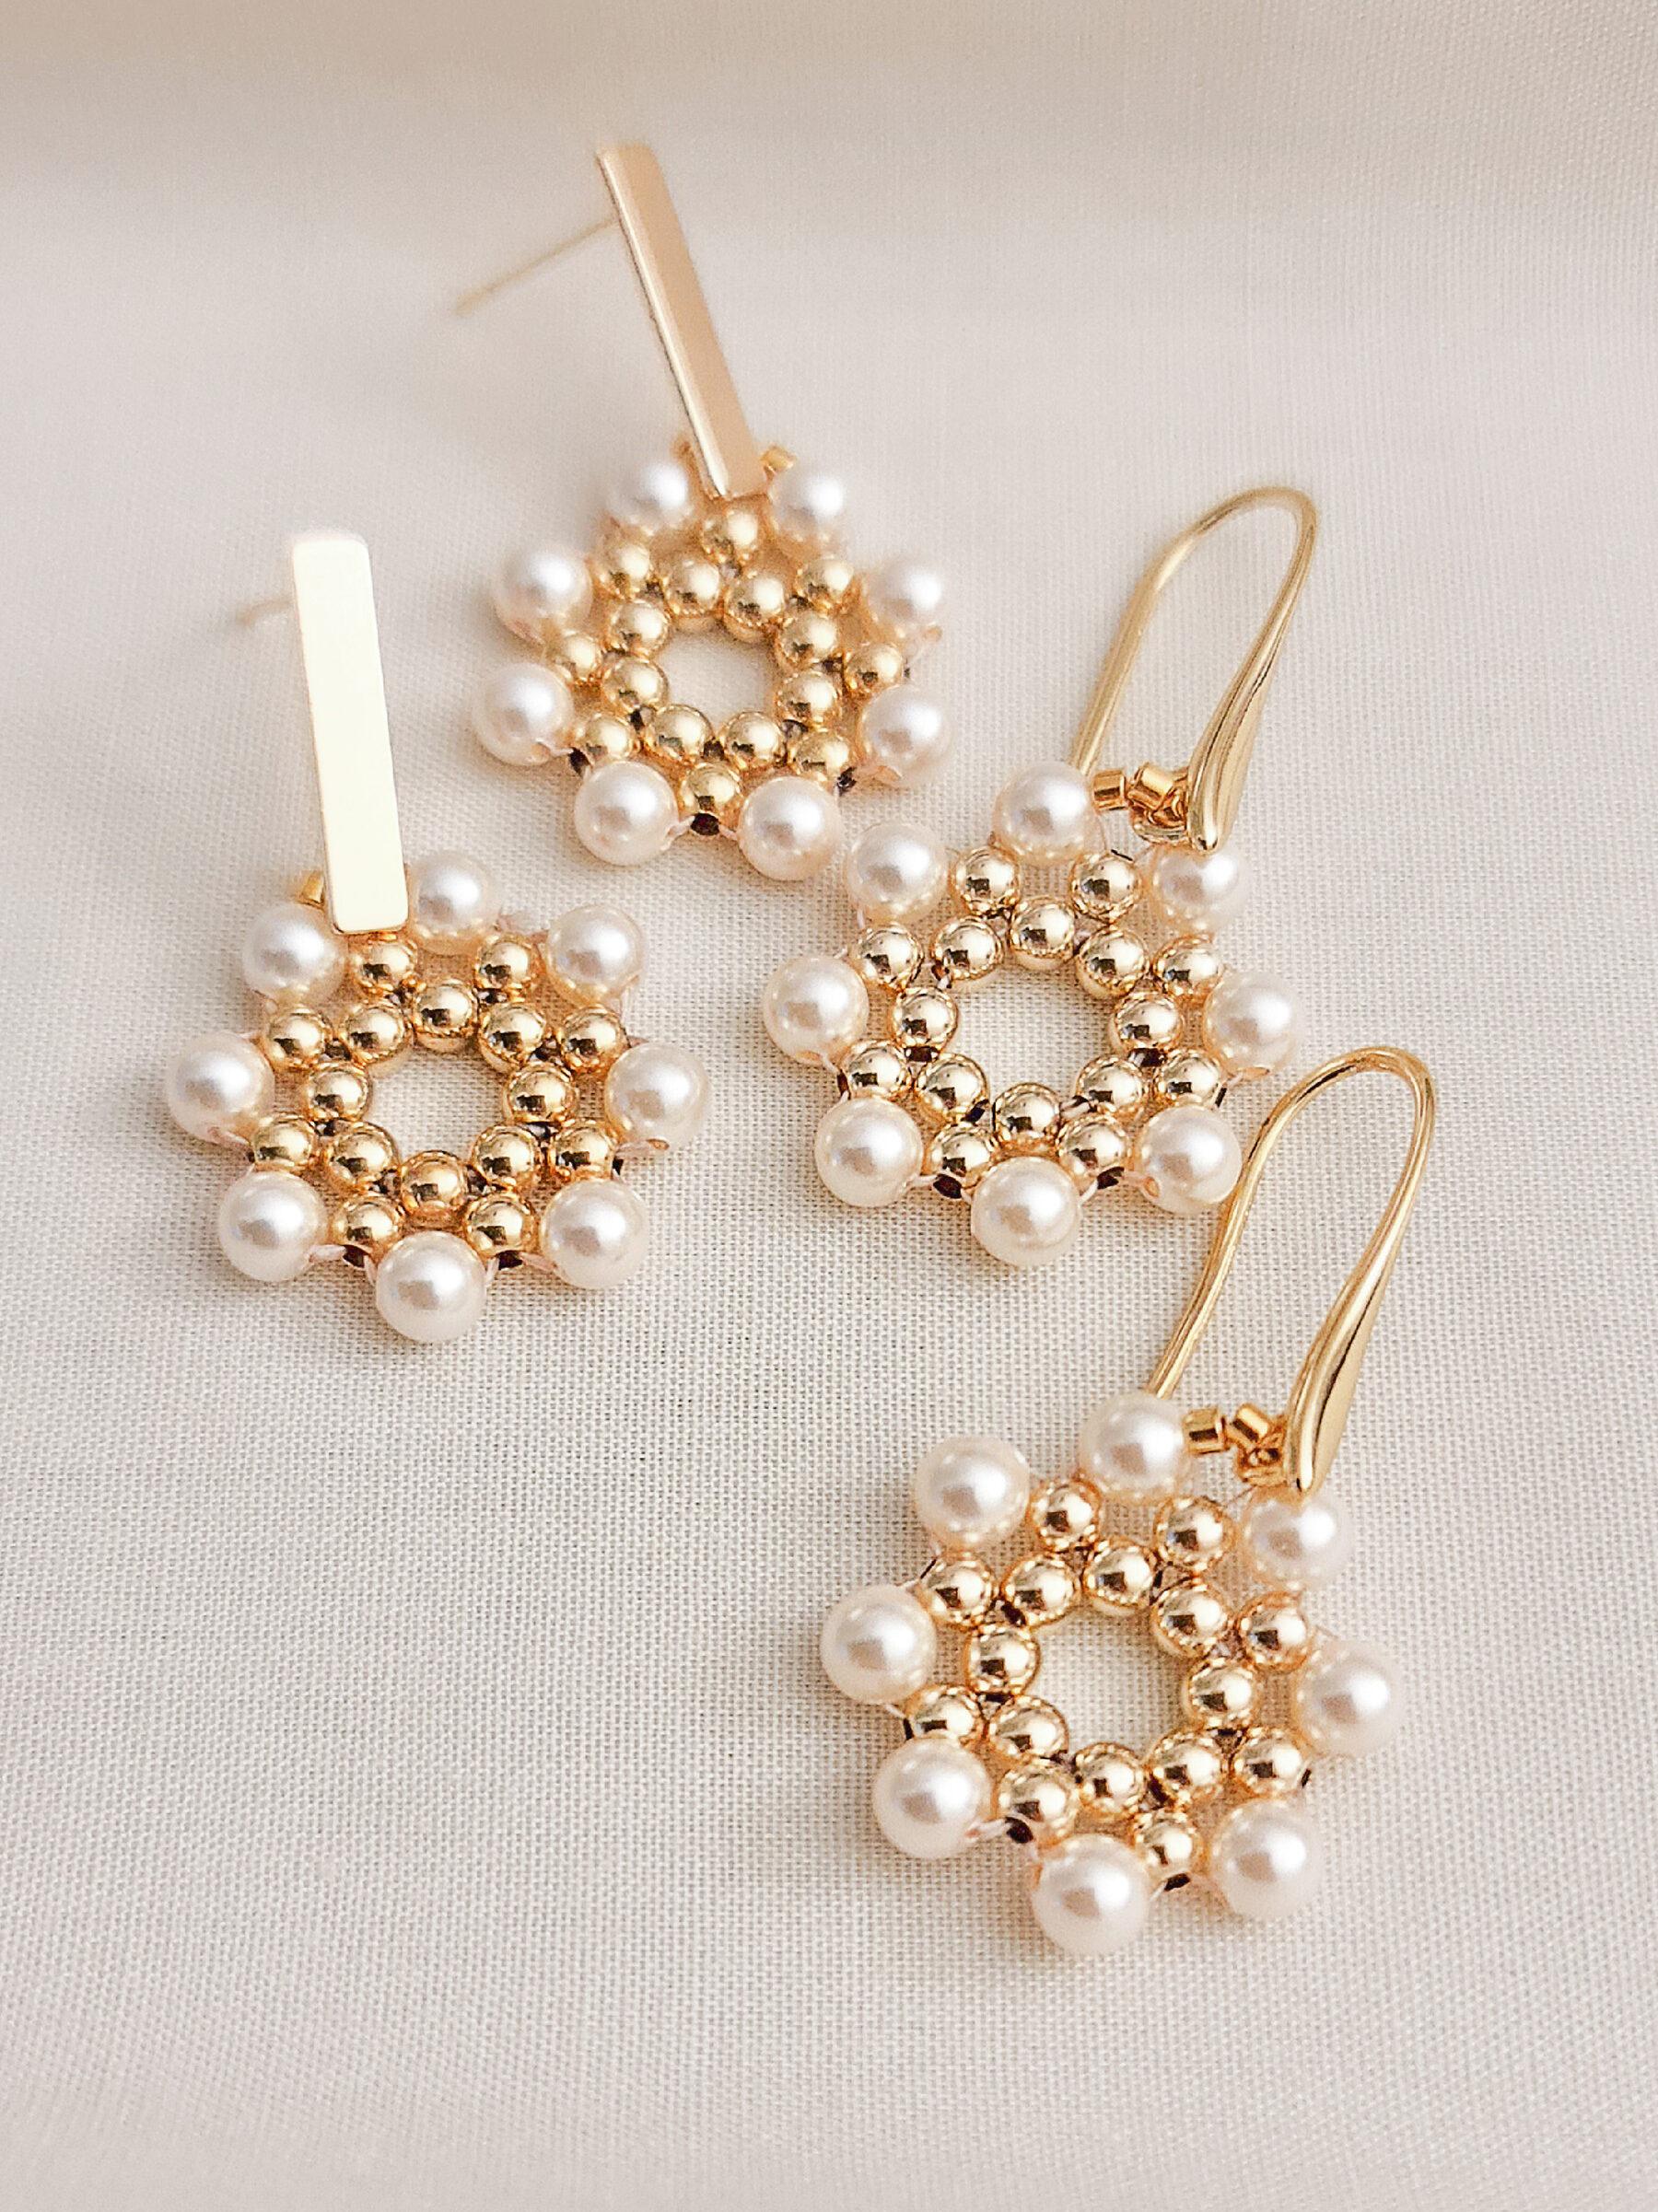 JeannieRichard Printemps Pearl Earrings